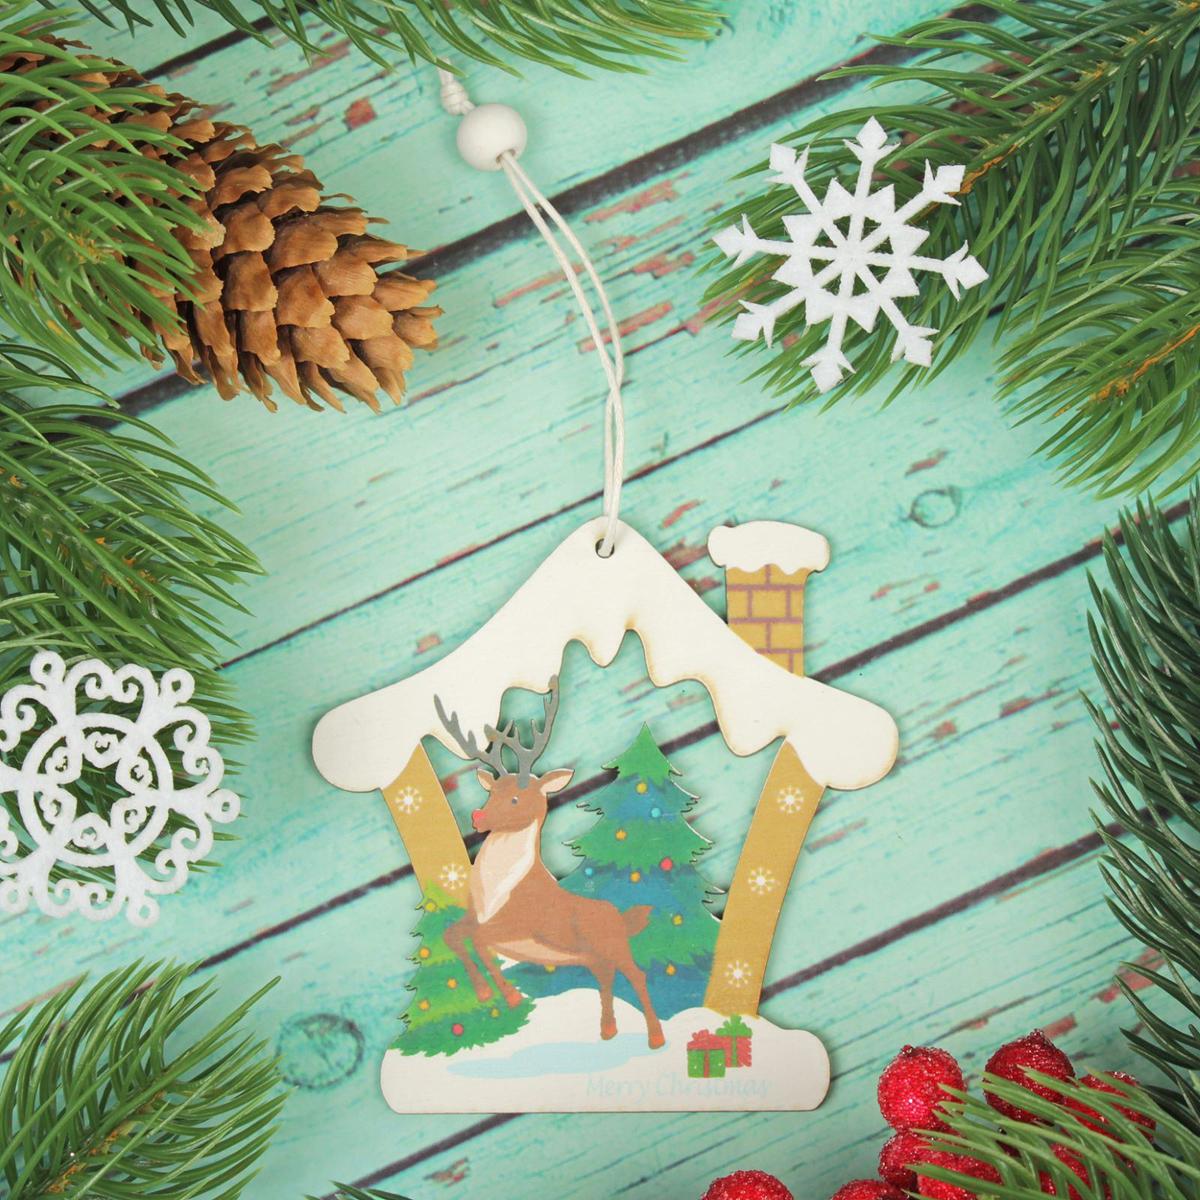 Украшение новогоднее подвесное Олень в домике2303456Новогоднее украшение, выполненное из дерева, отлично подойдет для декорации вашего дома и новогодней ели. С помощью специальнойпетельки украшение можно повесить в любом понравившемся вам месте. Но, конечно, удачнее всего оно будет смотреться на праздничной елке. Елочная игрушка - символ Нового года. Она несет в себе волшебство и красоту праздника. Такое украшение создаст в вашем домеатмосферу праздника, веселья и радости.